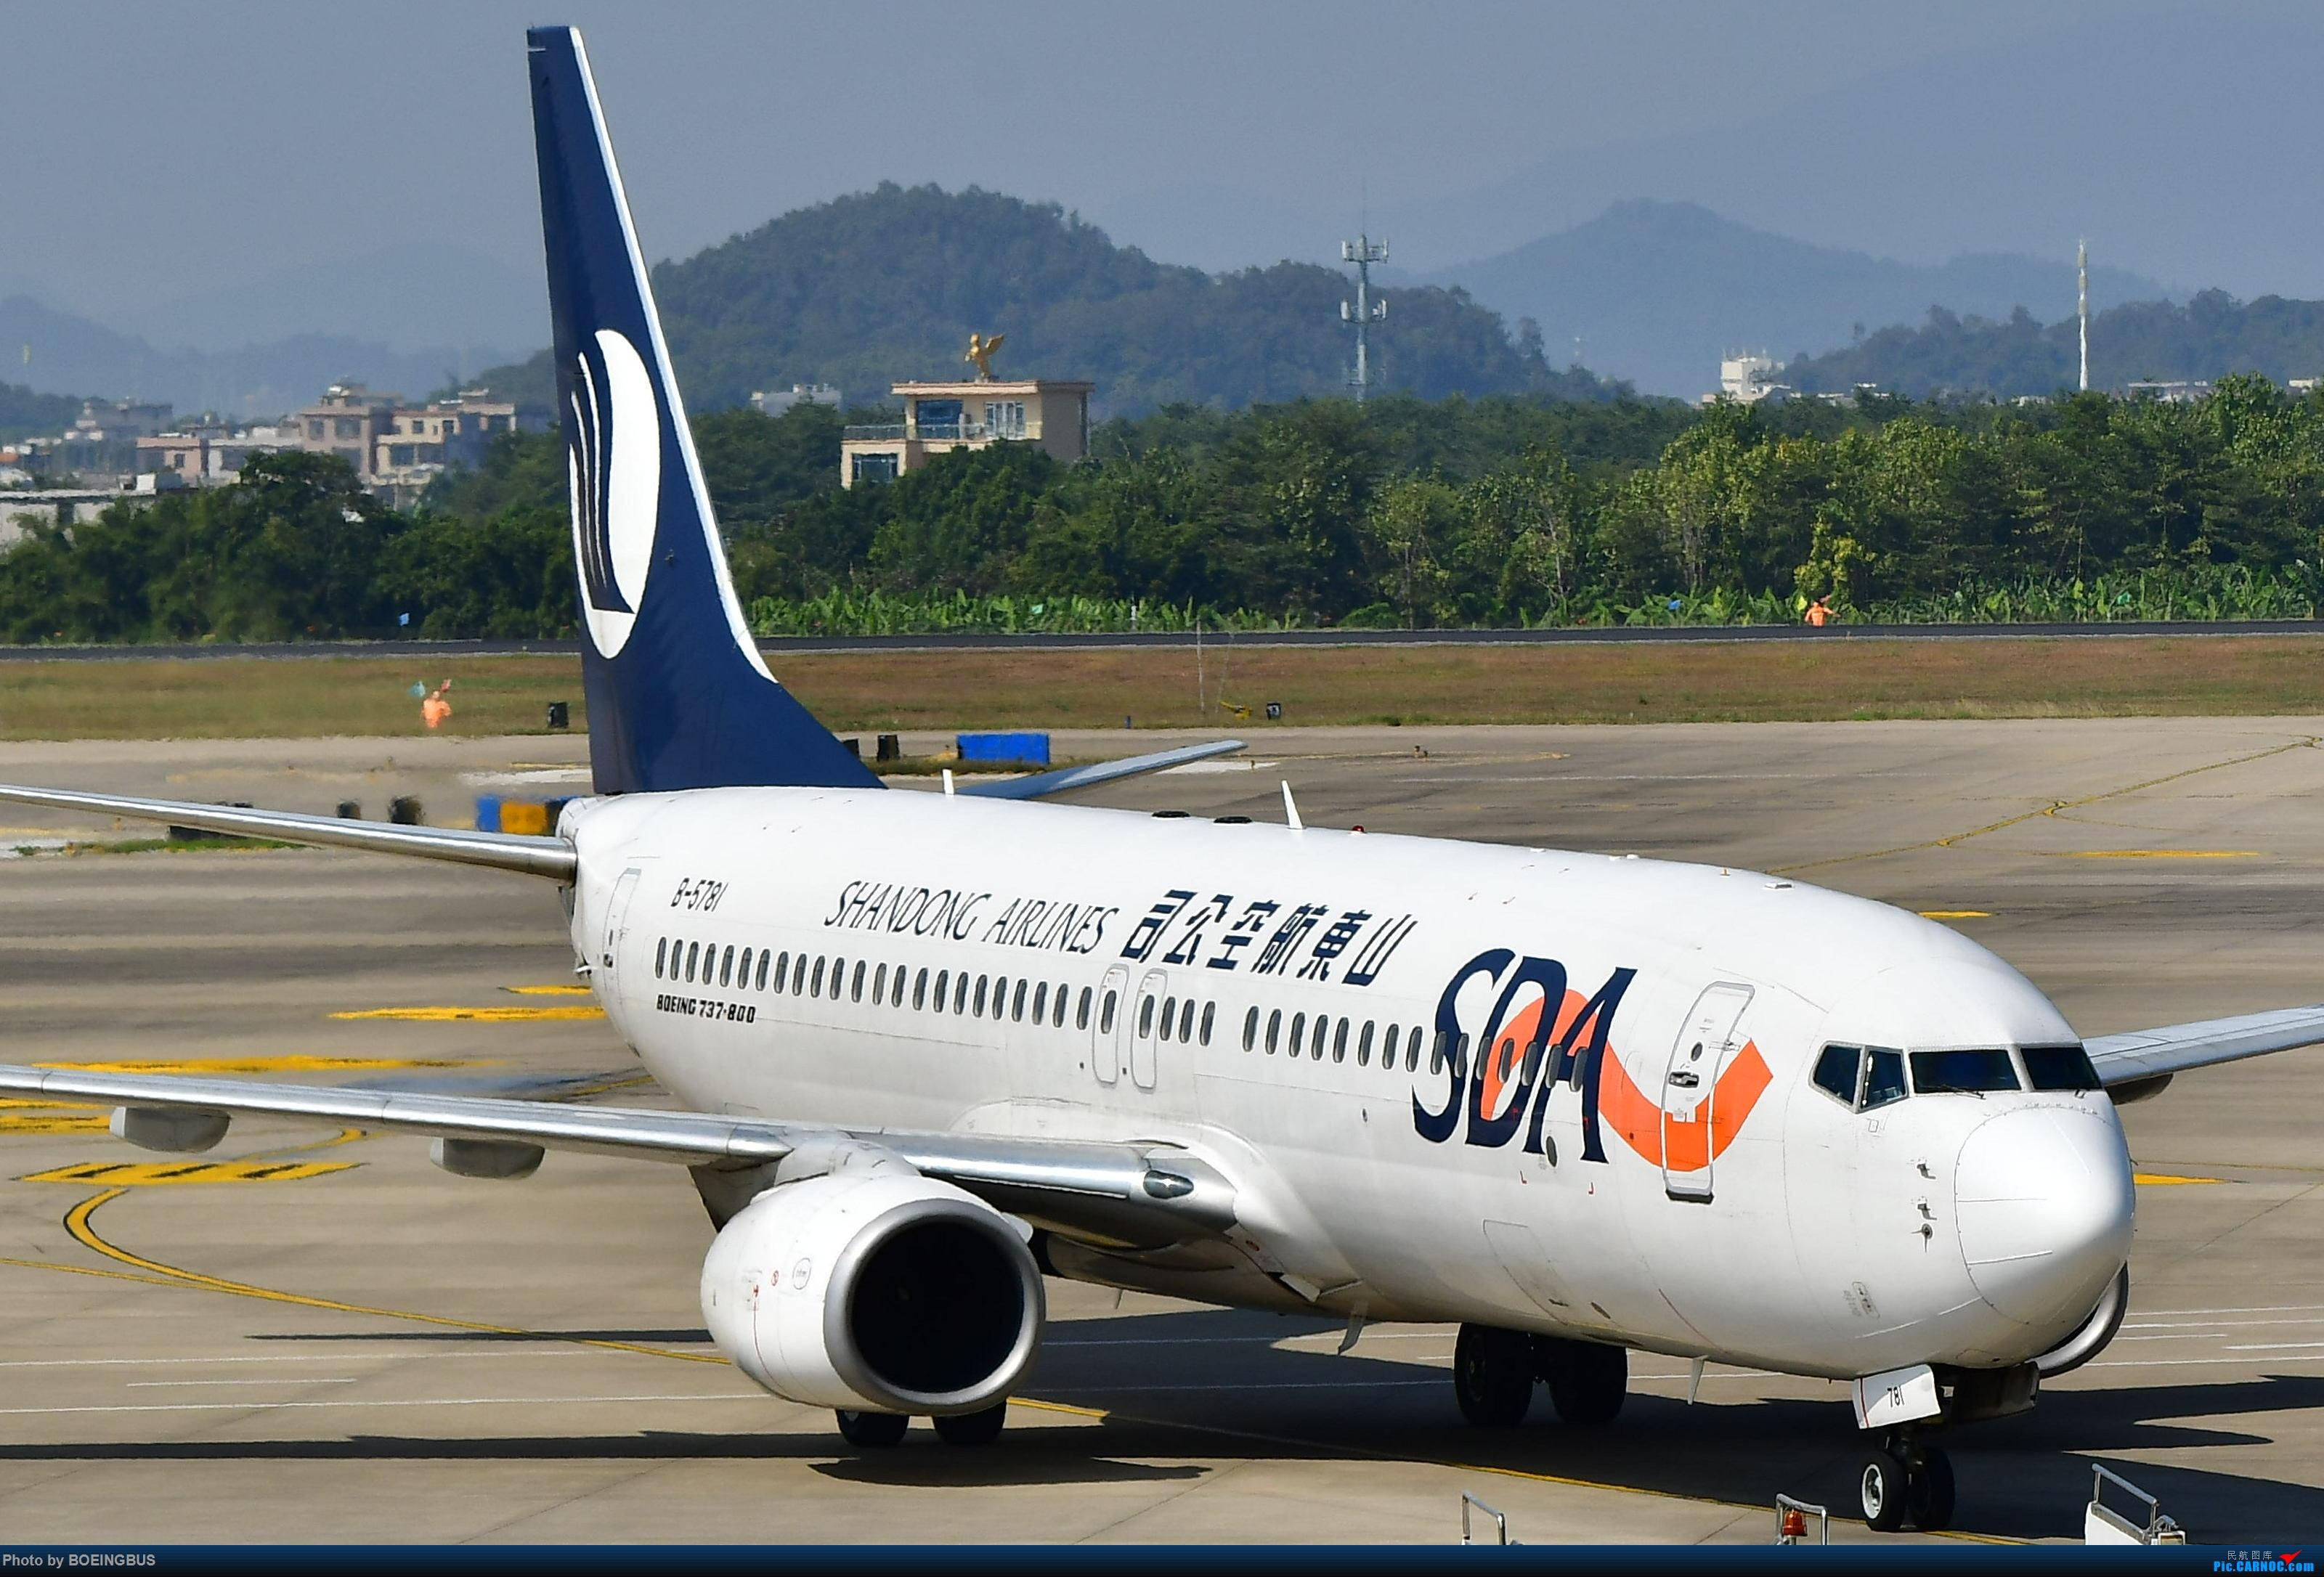 Re:[原创]一批拙作,祝CARNOC的飞友们鼠年大吉! BOEING 737-800 B-5781 中国揭阳潮汕国际机场